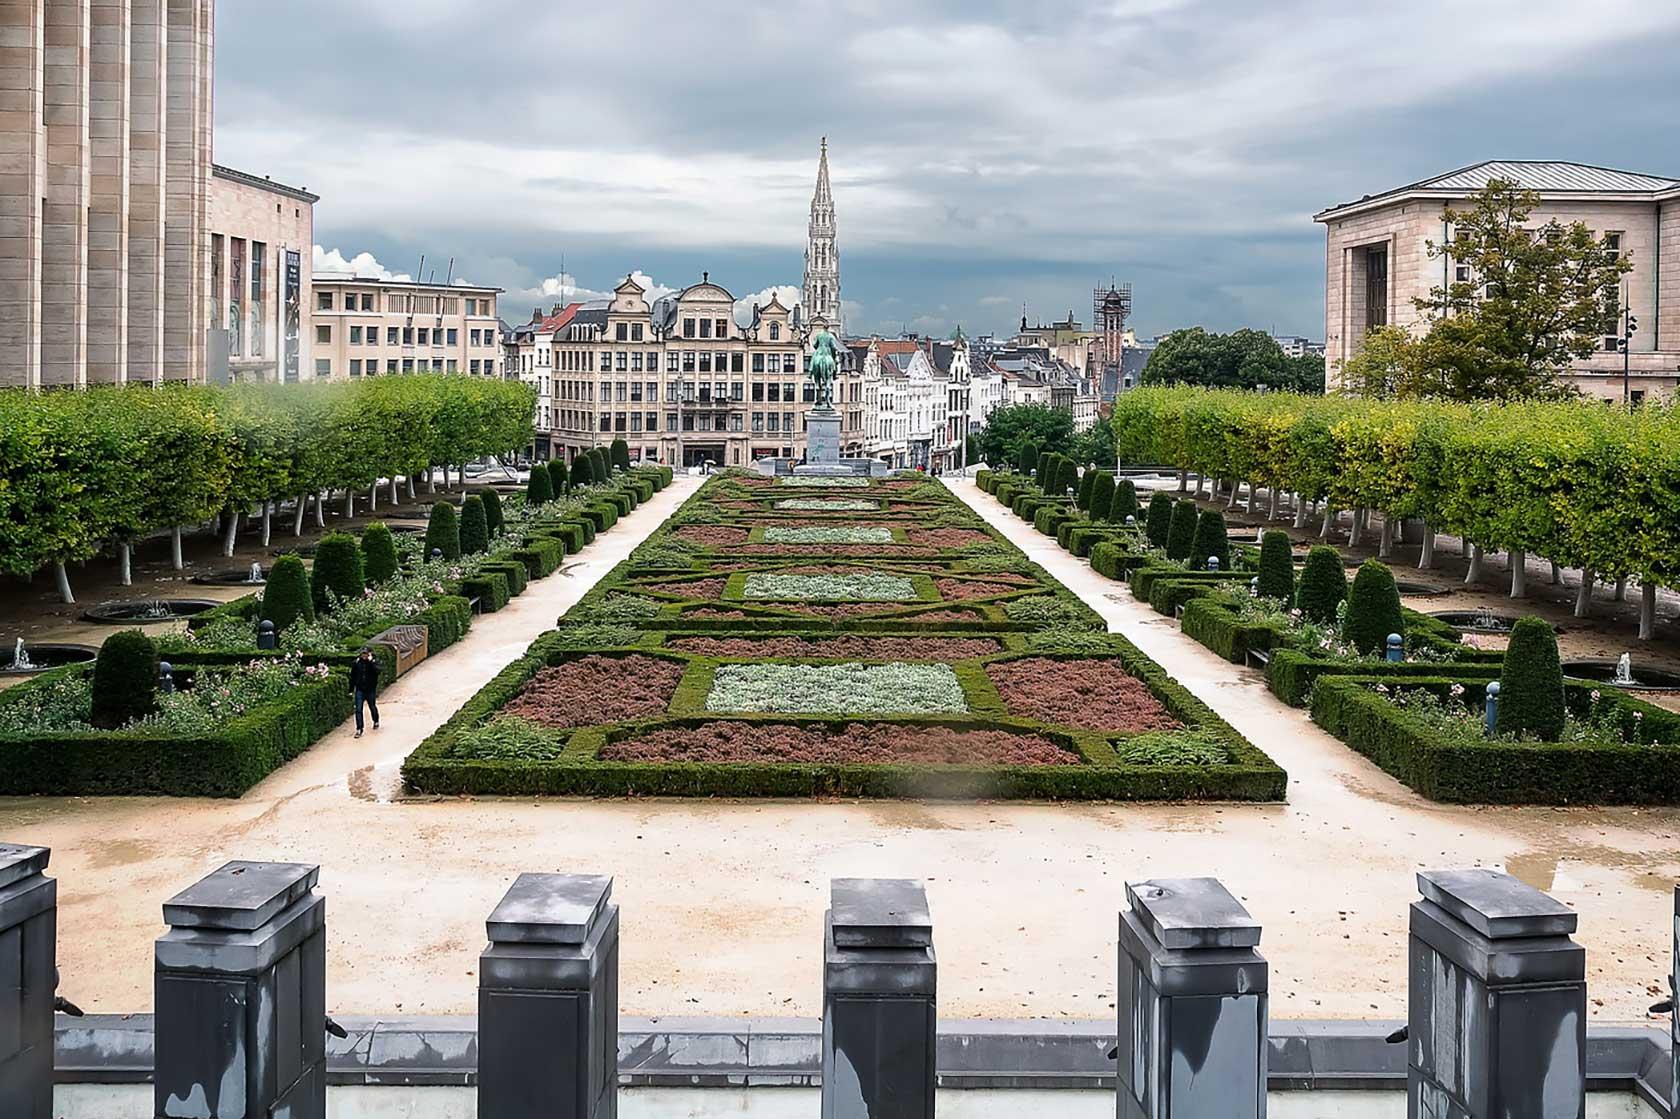 Brüssel Sehenswürdigkeiten Top 10